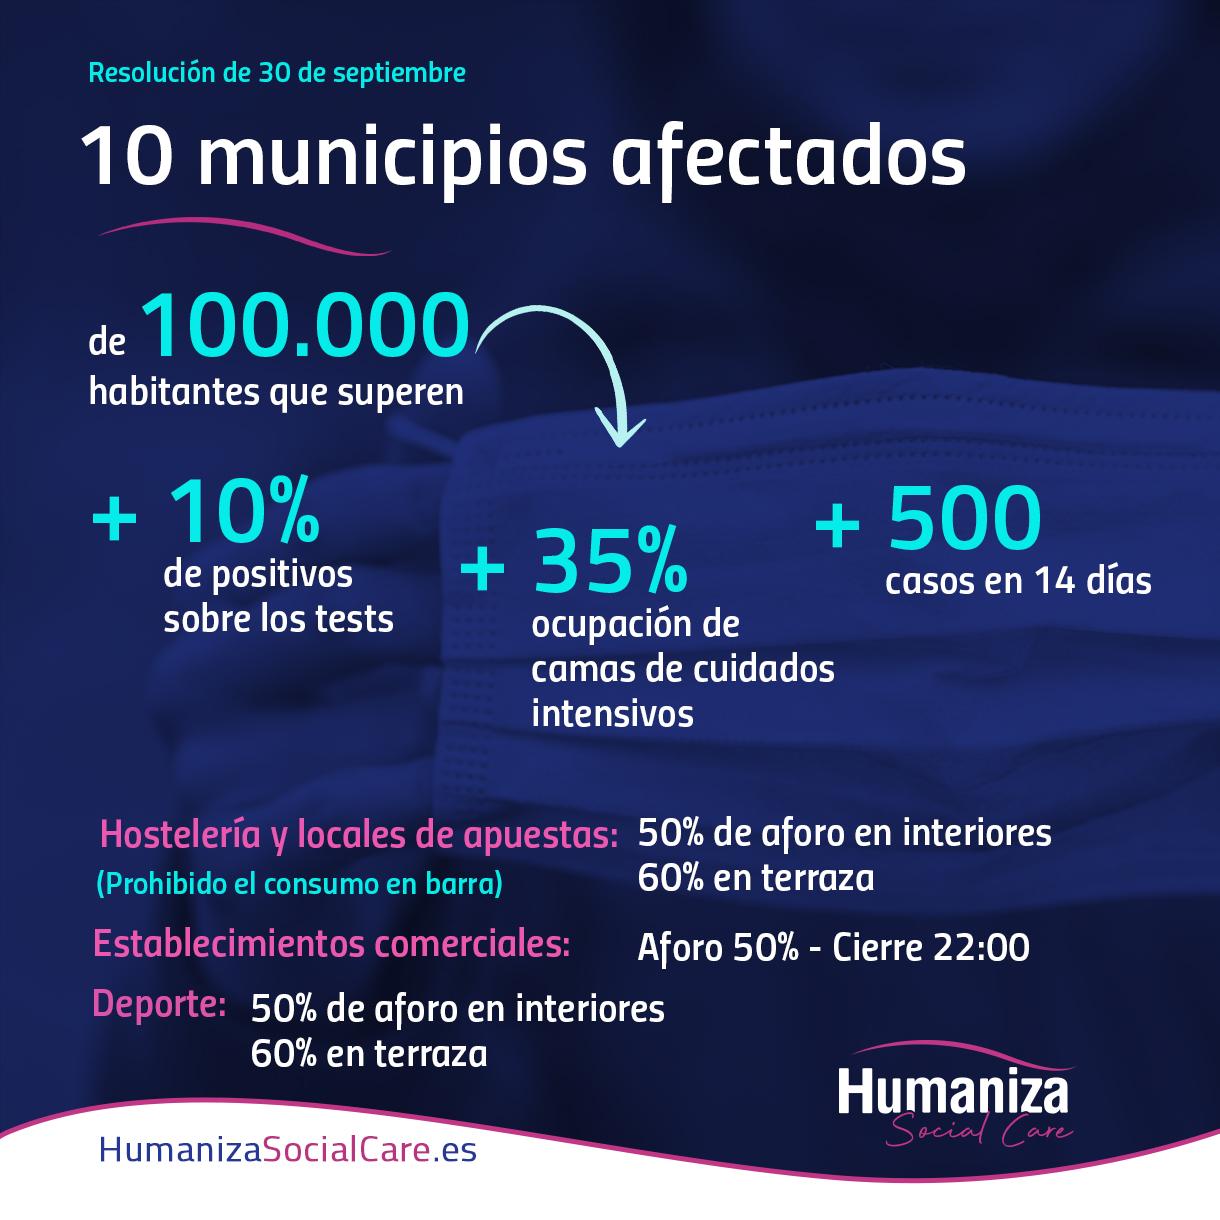 10 municipios afectados covid 19